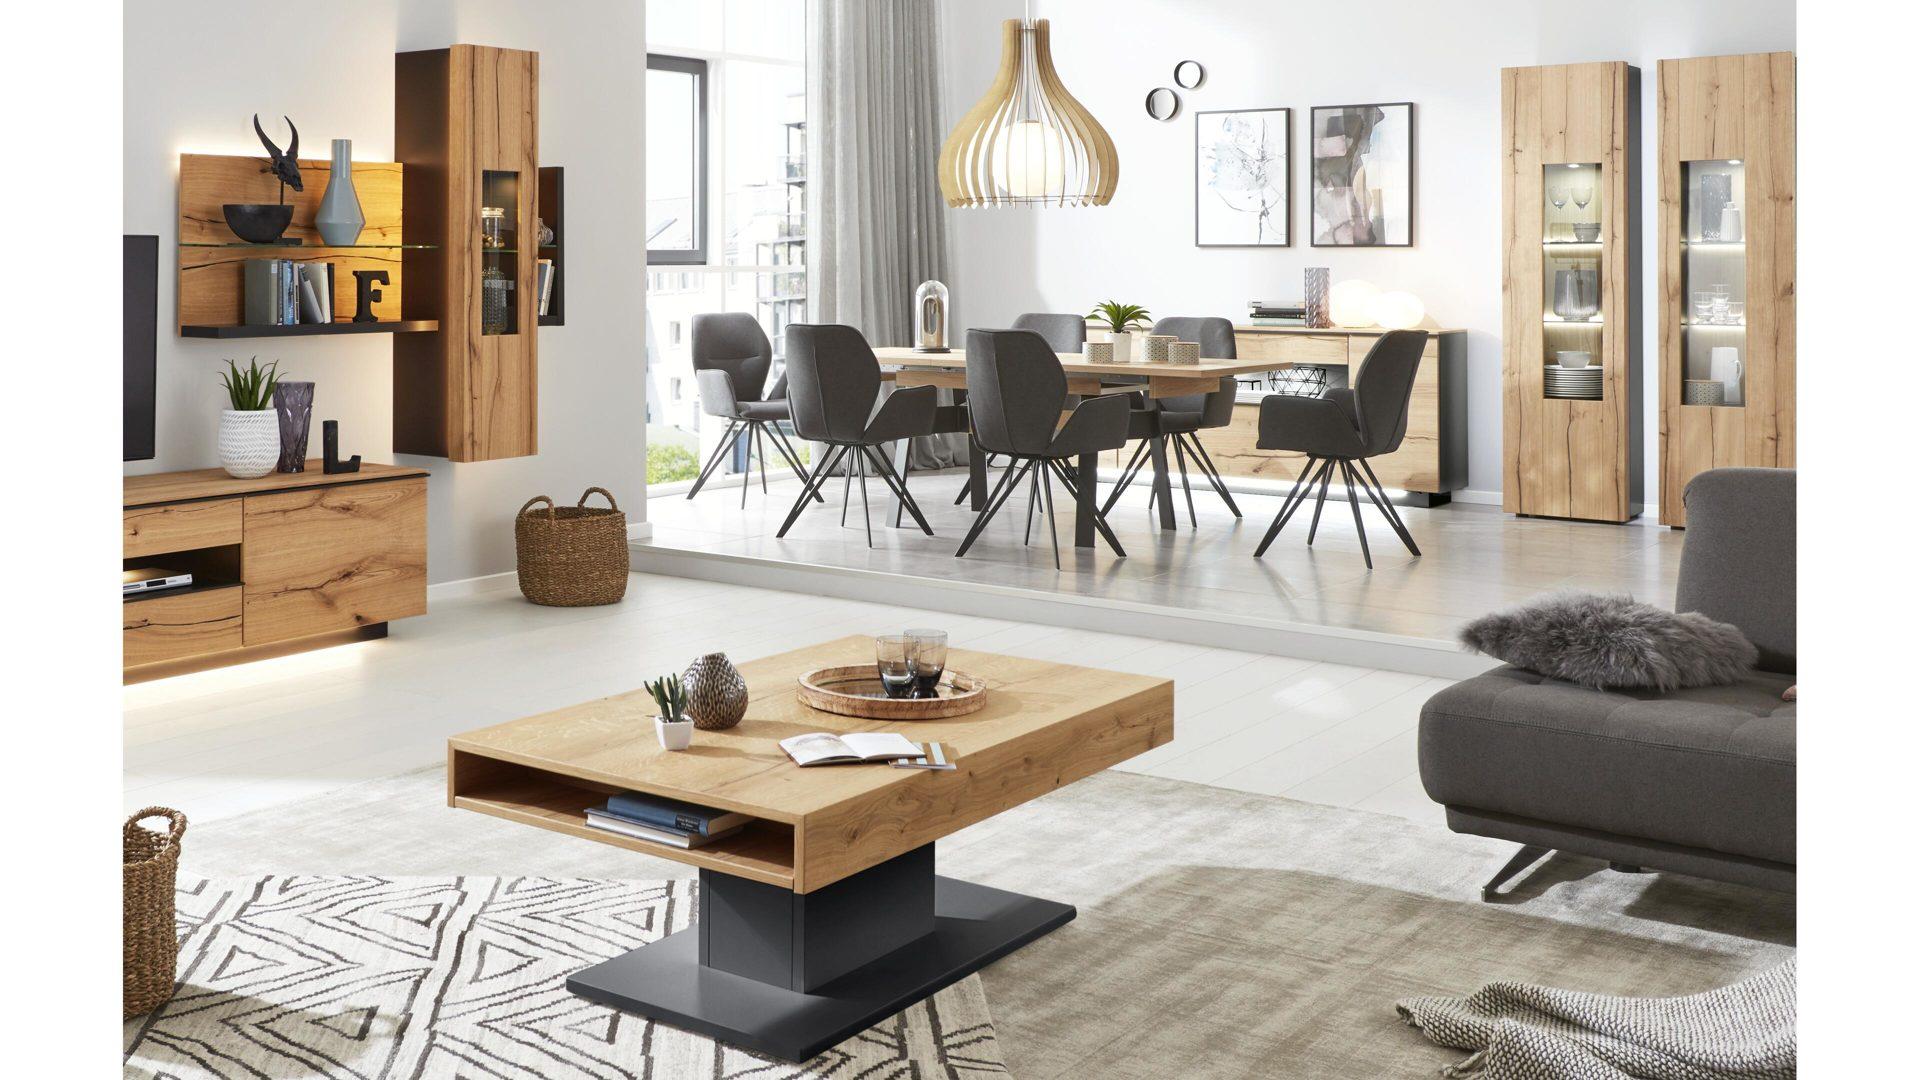 Interliving Wohnzimmer Serie 2103 Couchtisch Schieferschwarzer